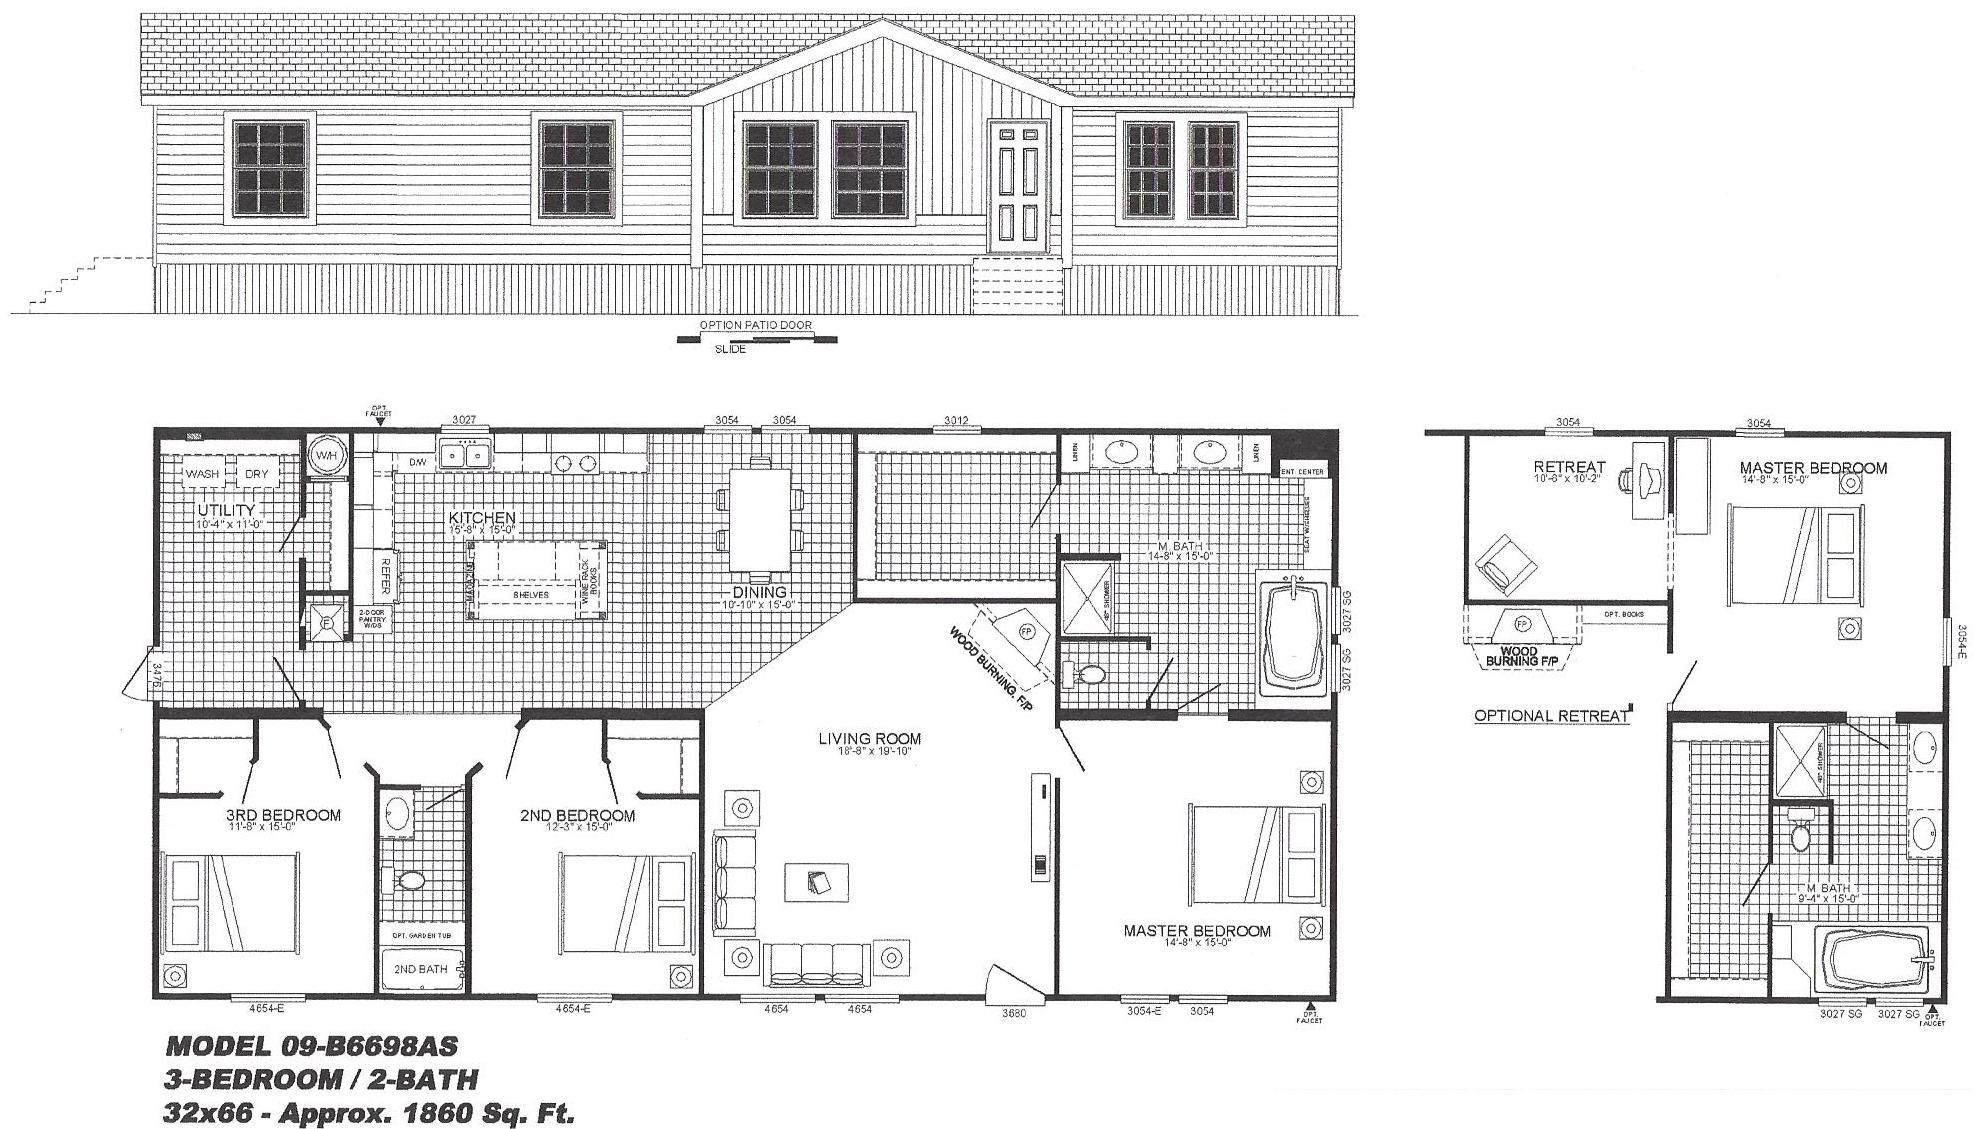 3 bedroom floor plan the graff b 6698 hawks homes 3 bedroom modular home floor plans